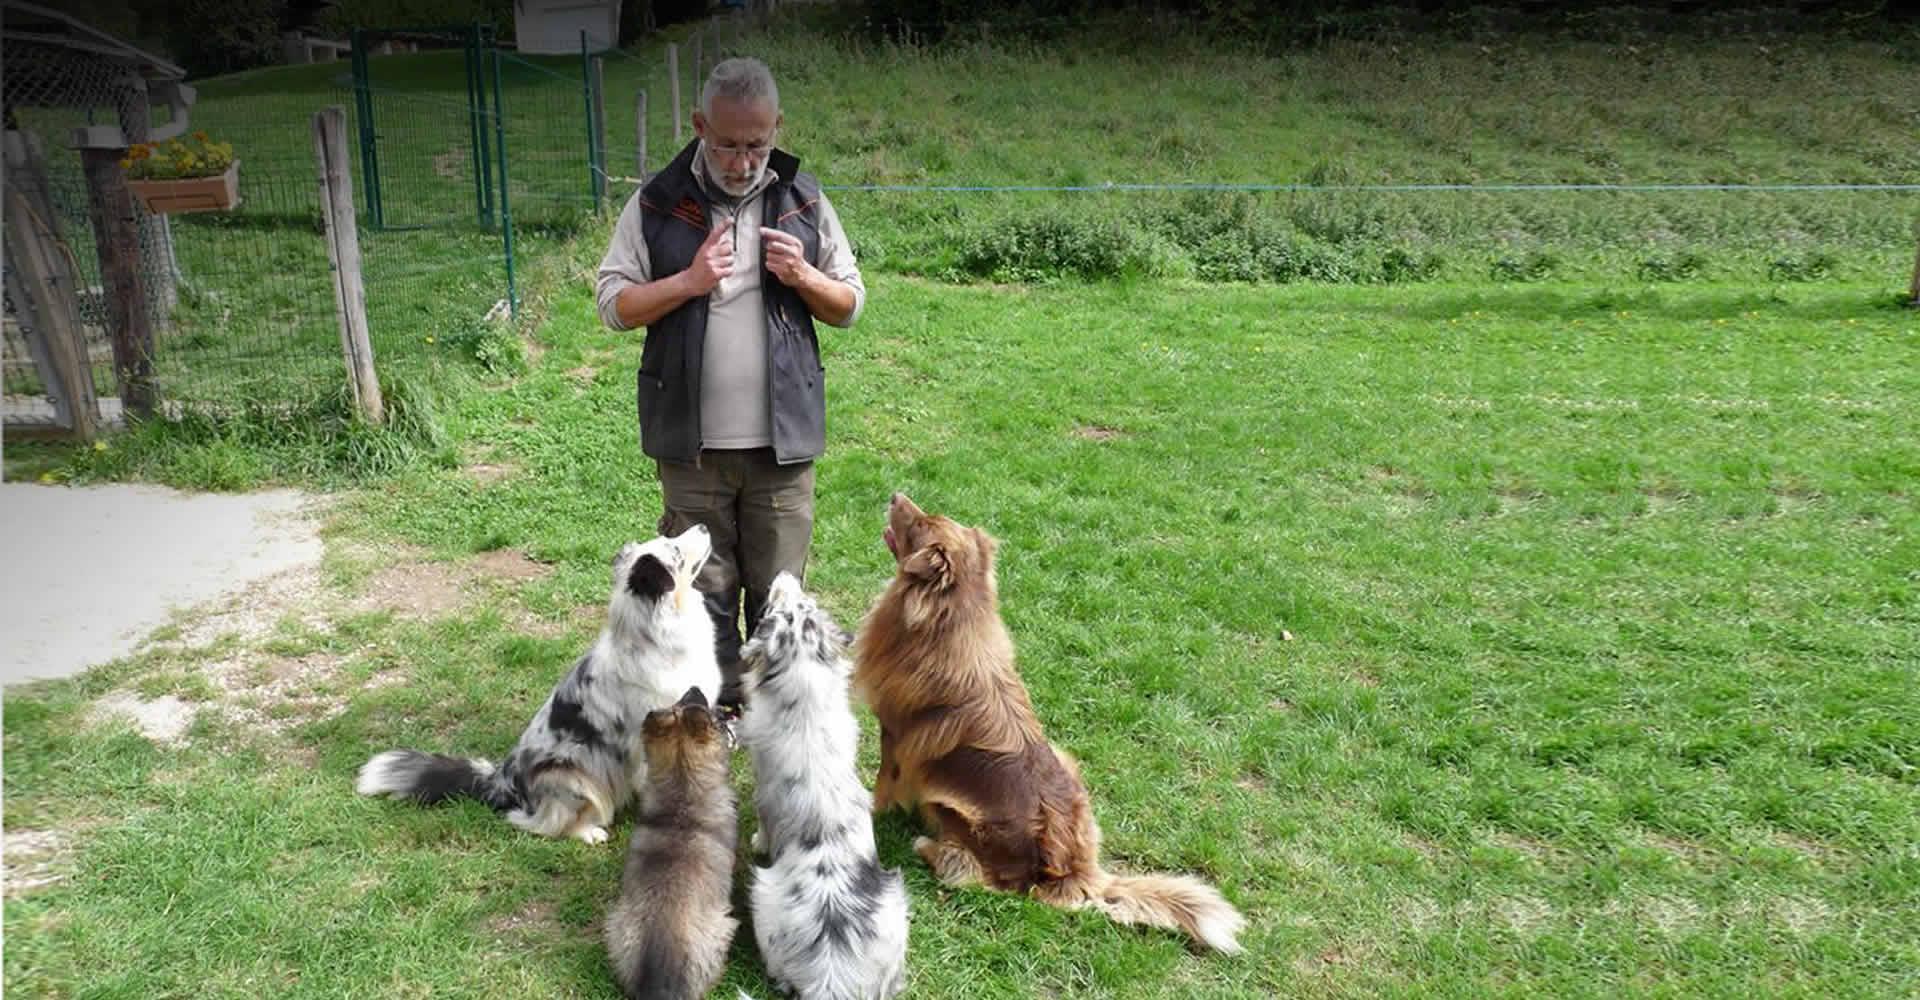 laurent Loizzo éleveur de chiens entourés de 4 bergers australiens de son élevage de bergers australiens